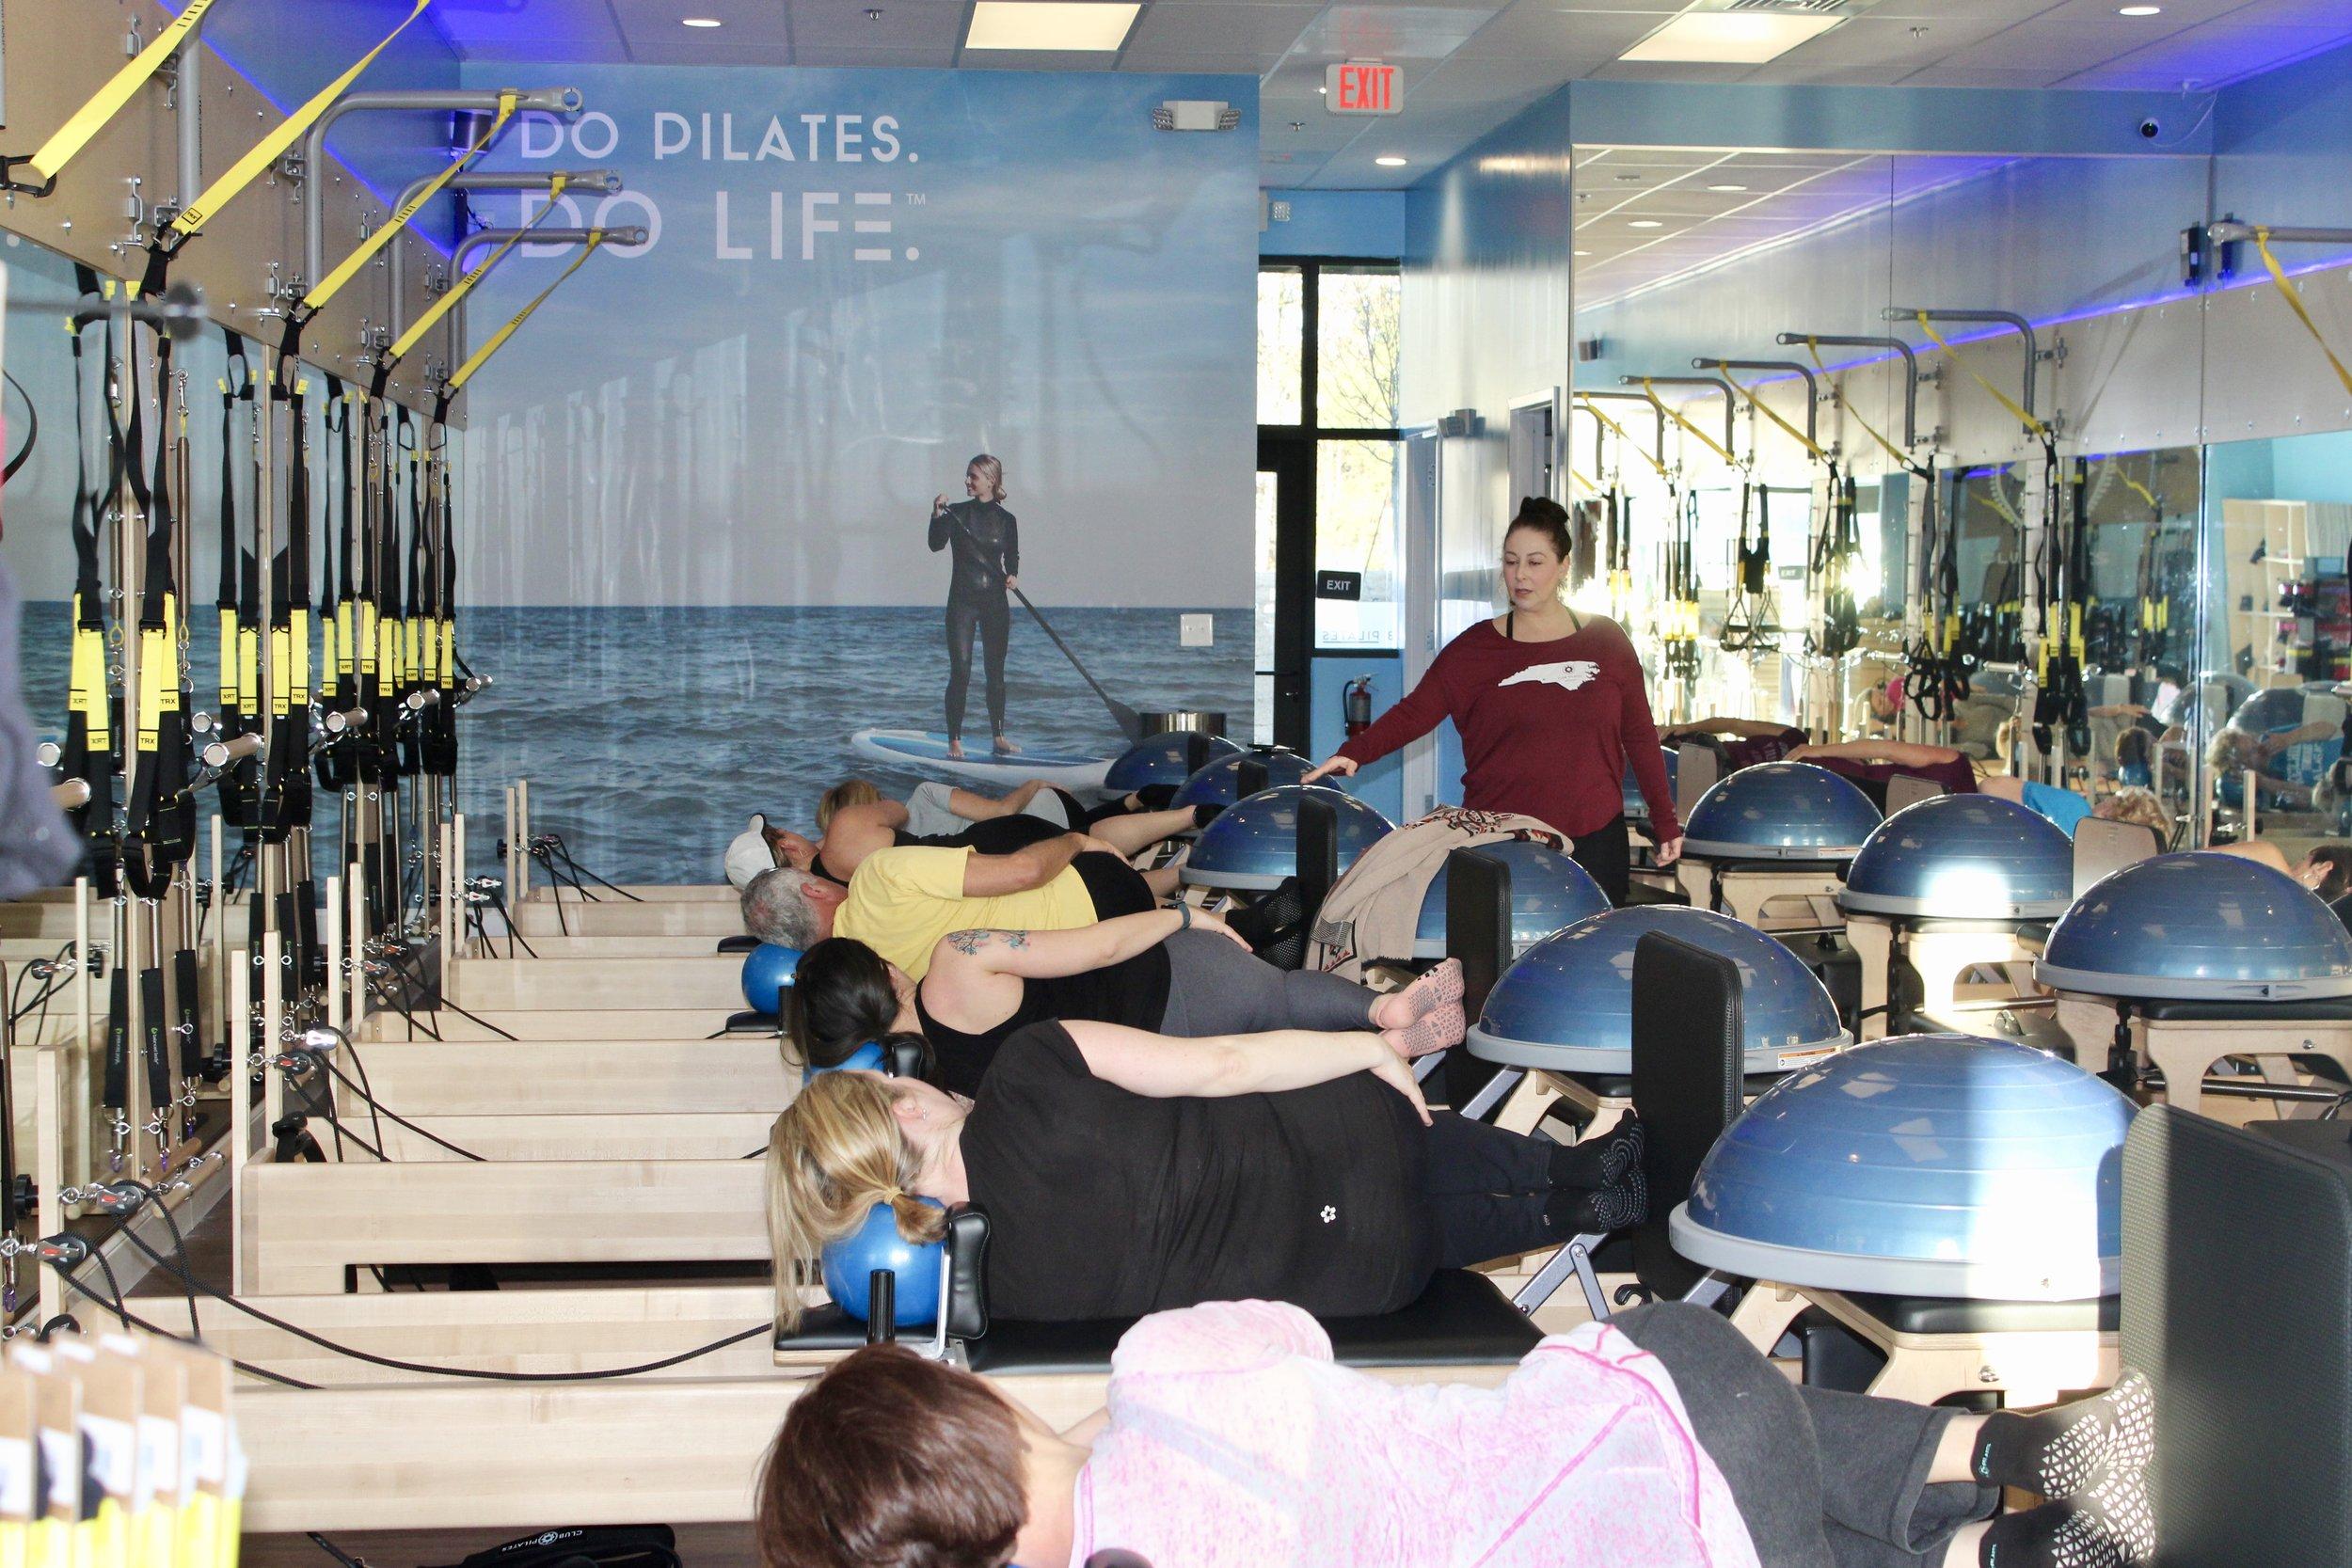 Fort Mill Club Pilates